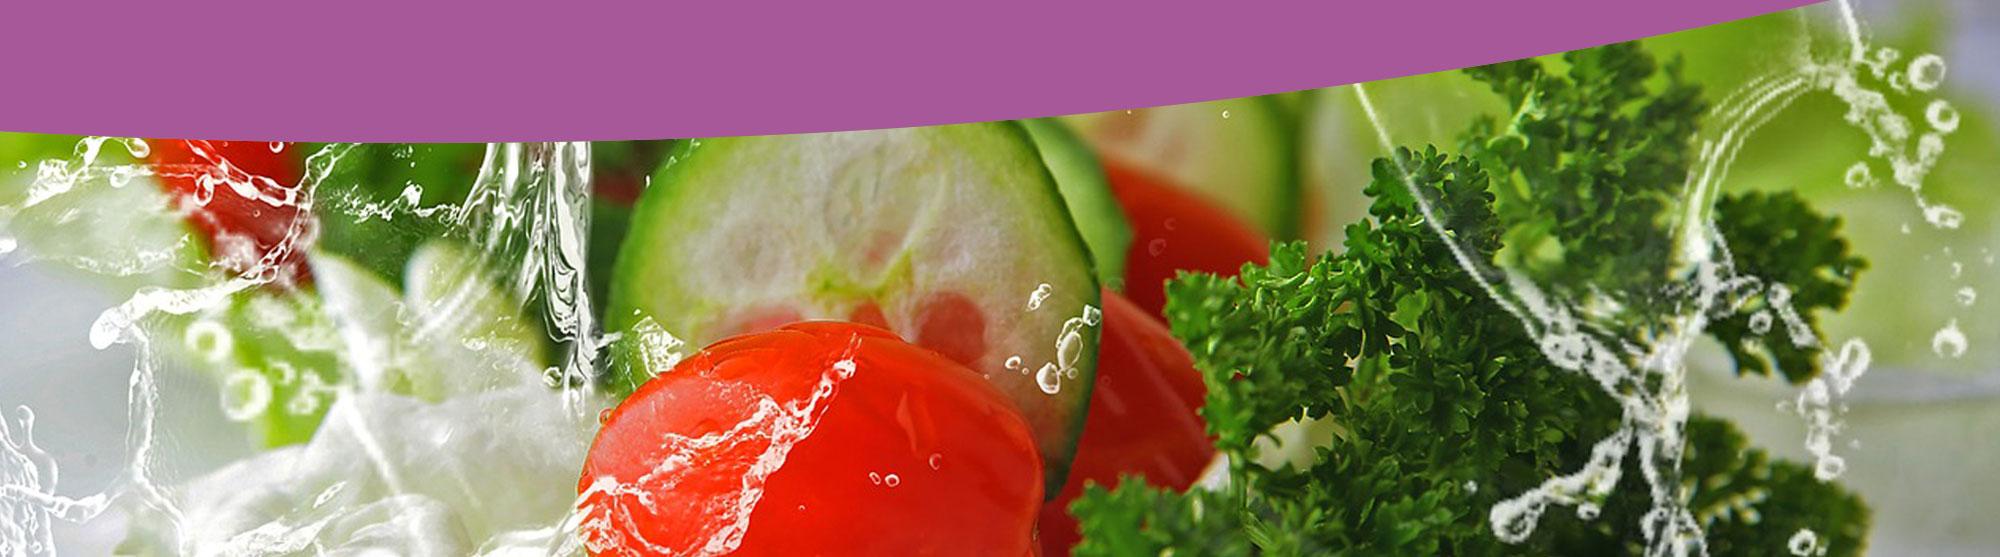 gewichtsbeheersing-het-gooi-voedingsadvies